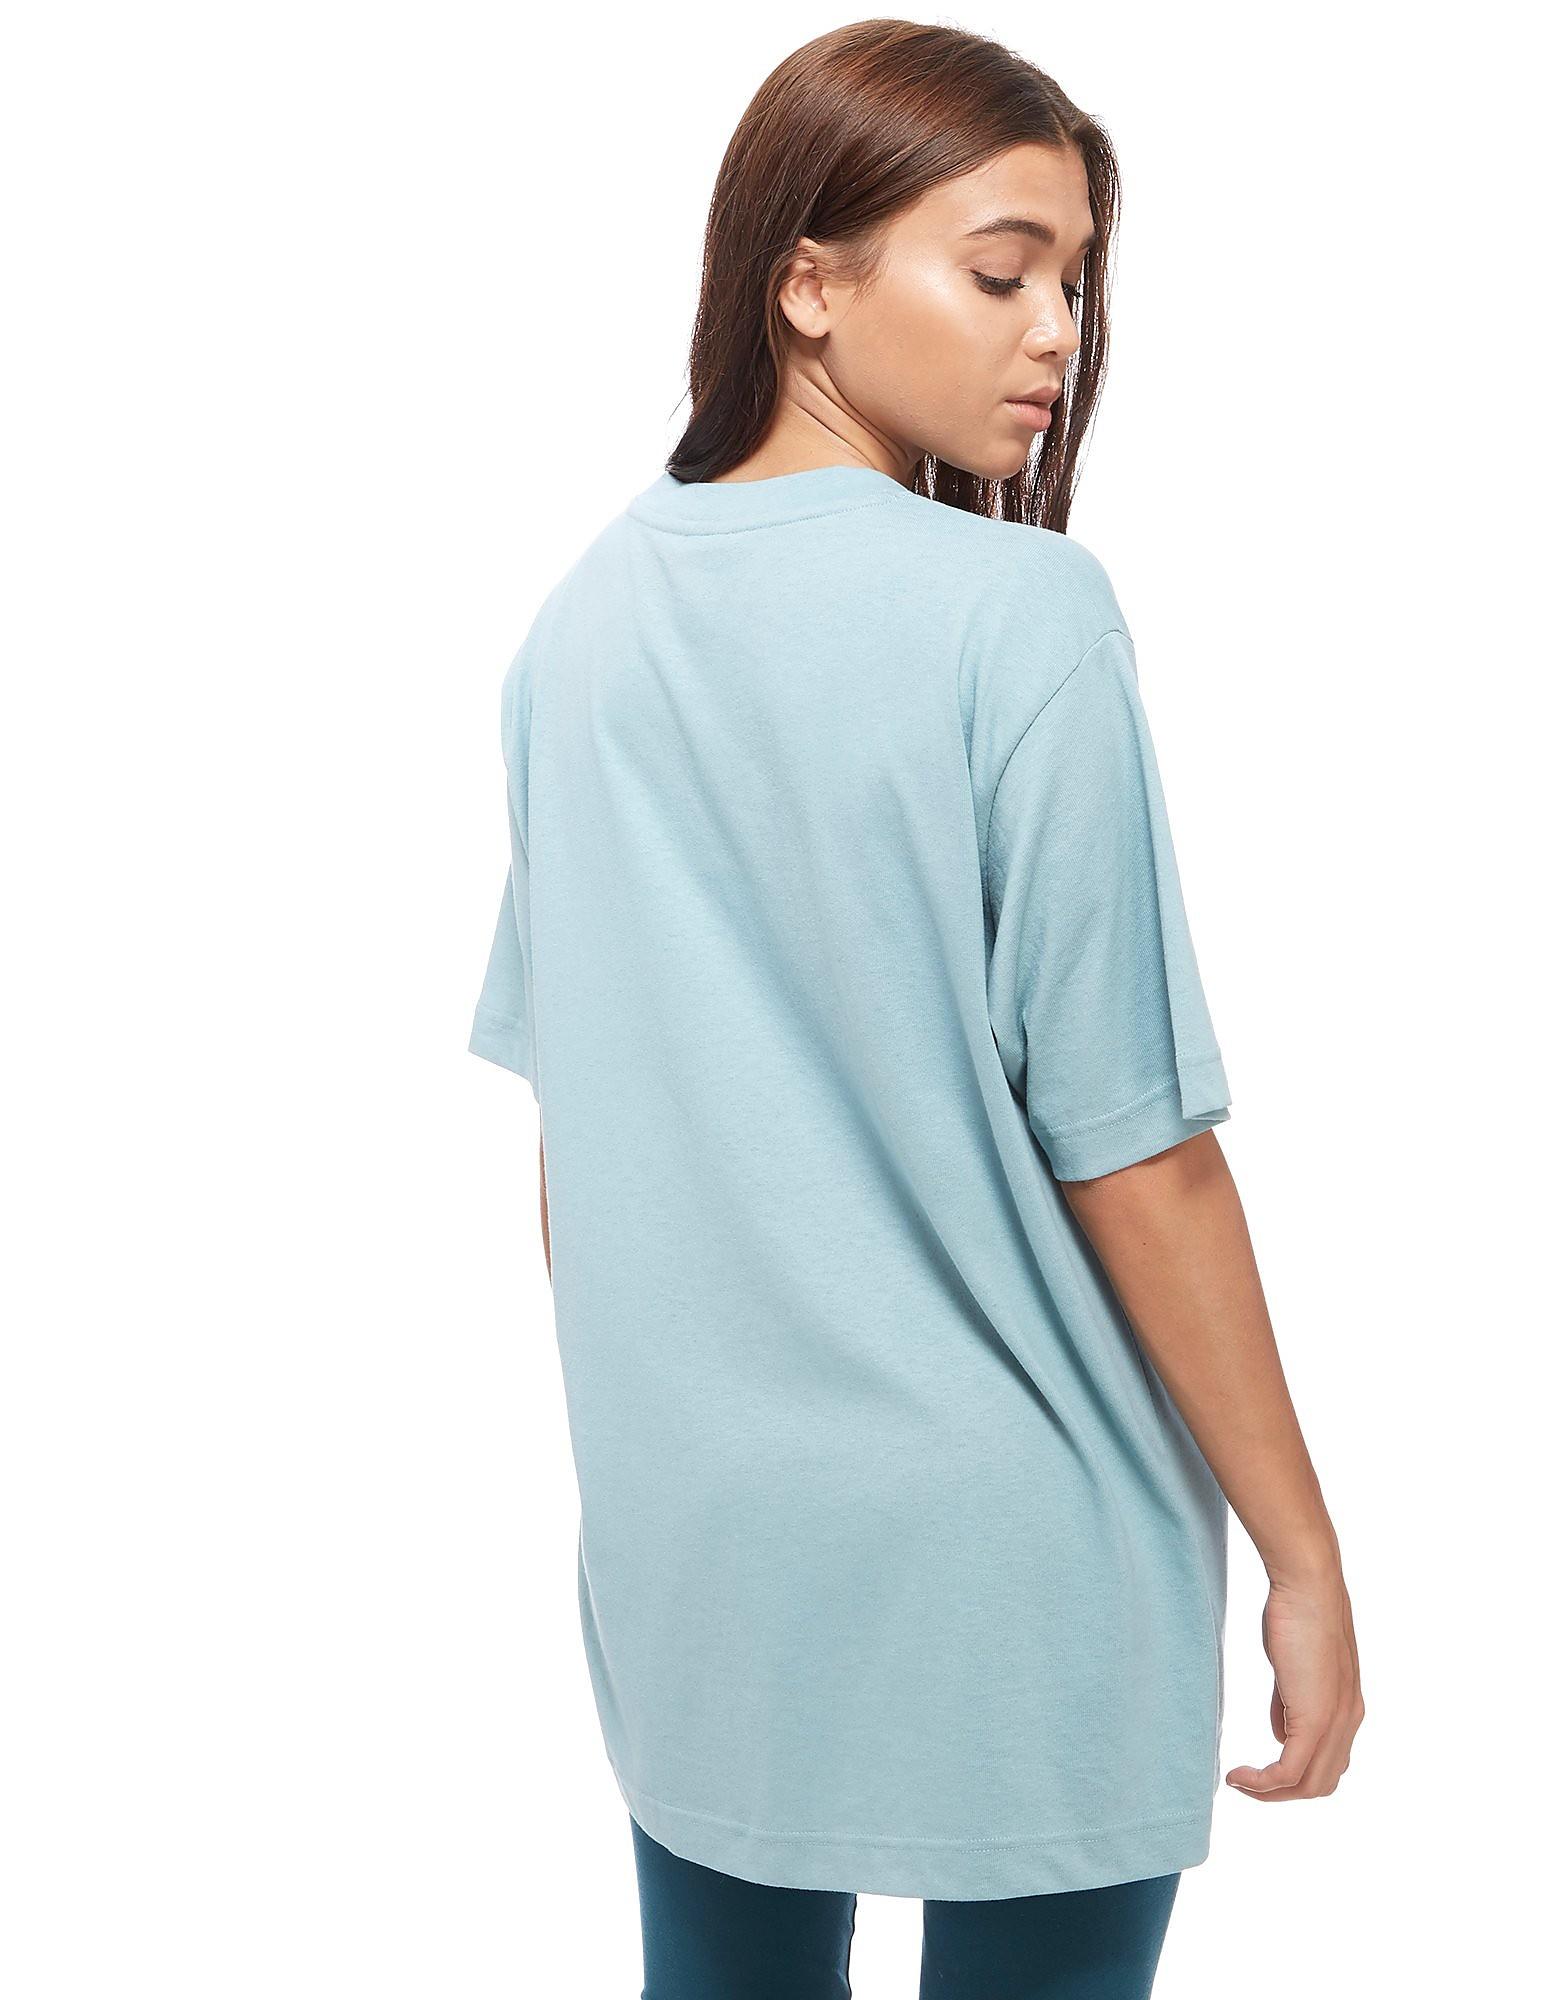 IVY PARK Boyfriend T-Shirt Donna